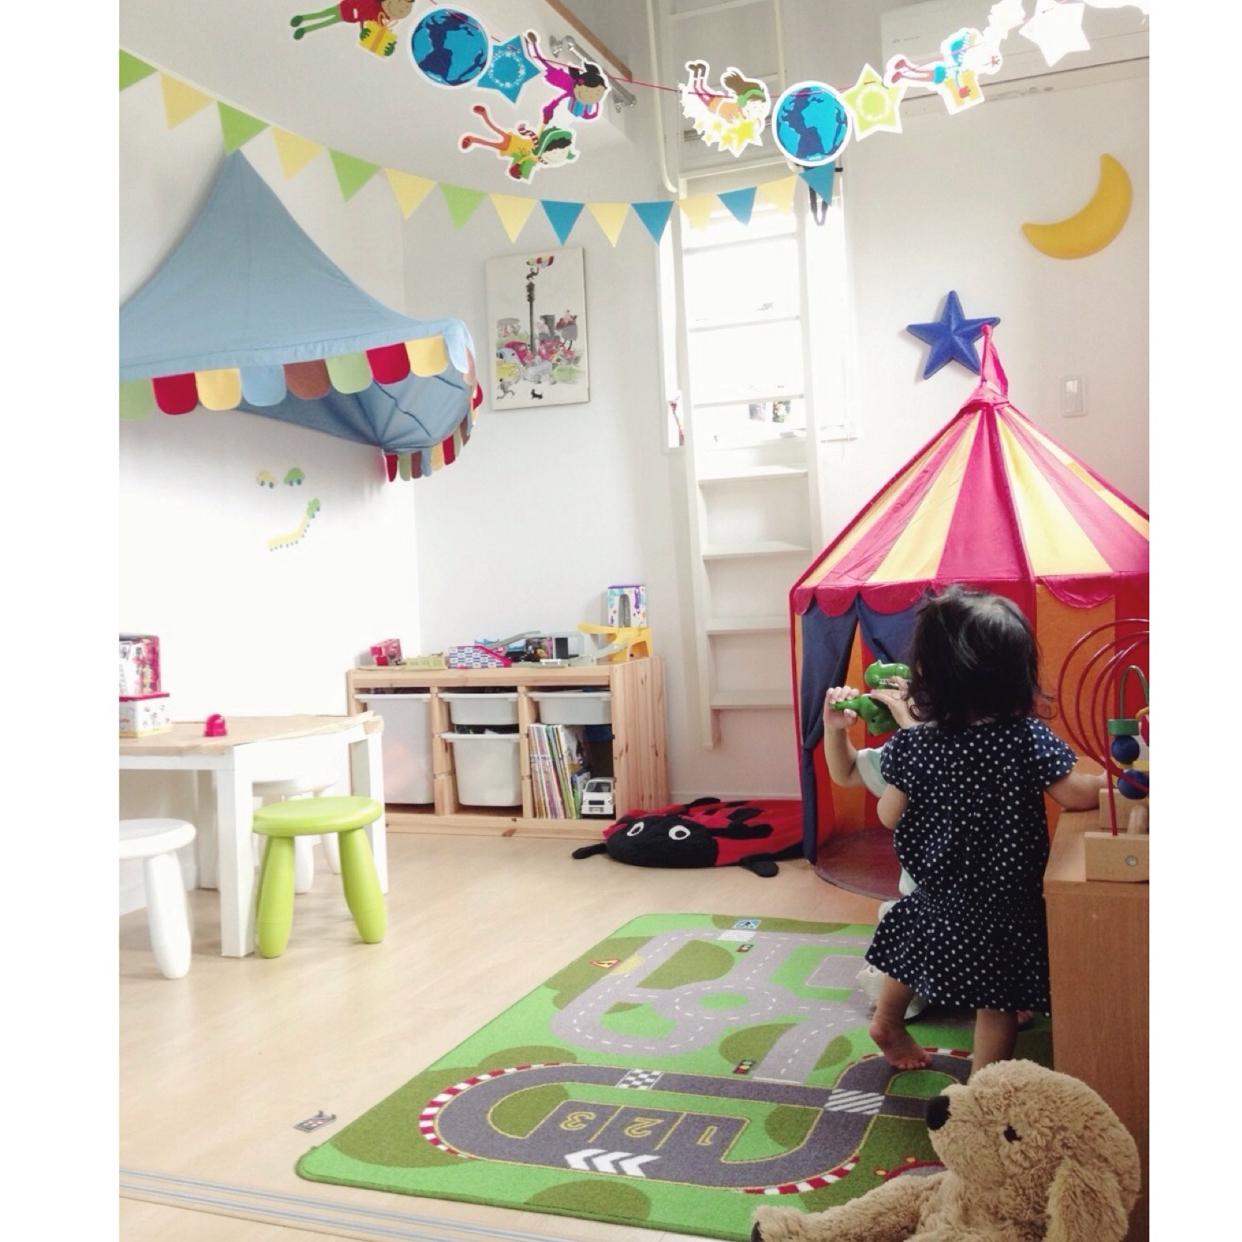 気分もあがる♪IKEAで作るカラフルな子ども部屋 | RoomClip mag | 暮らしとインテリアのwebマガジン